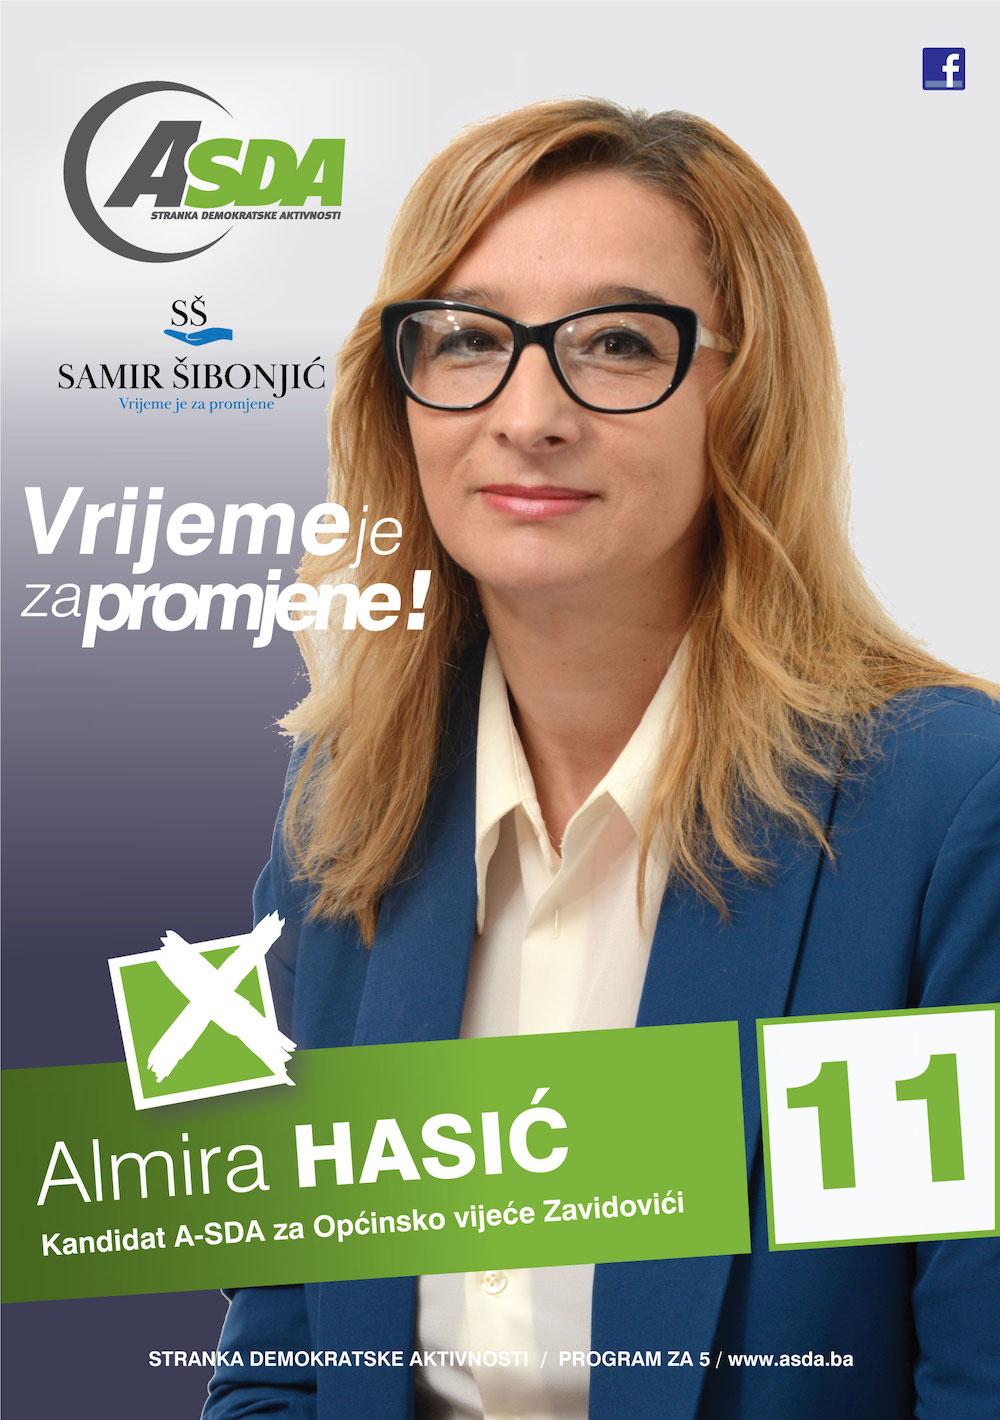 Almira Hasić